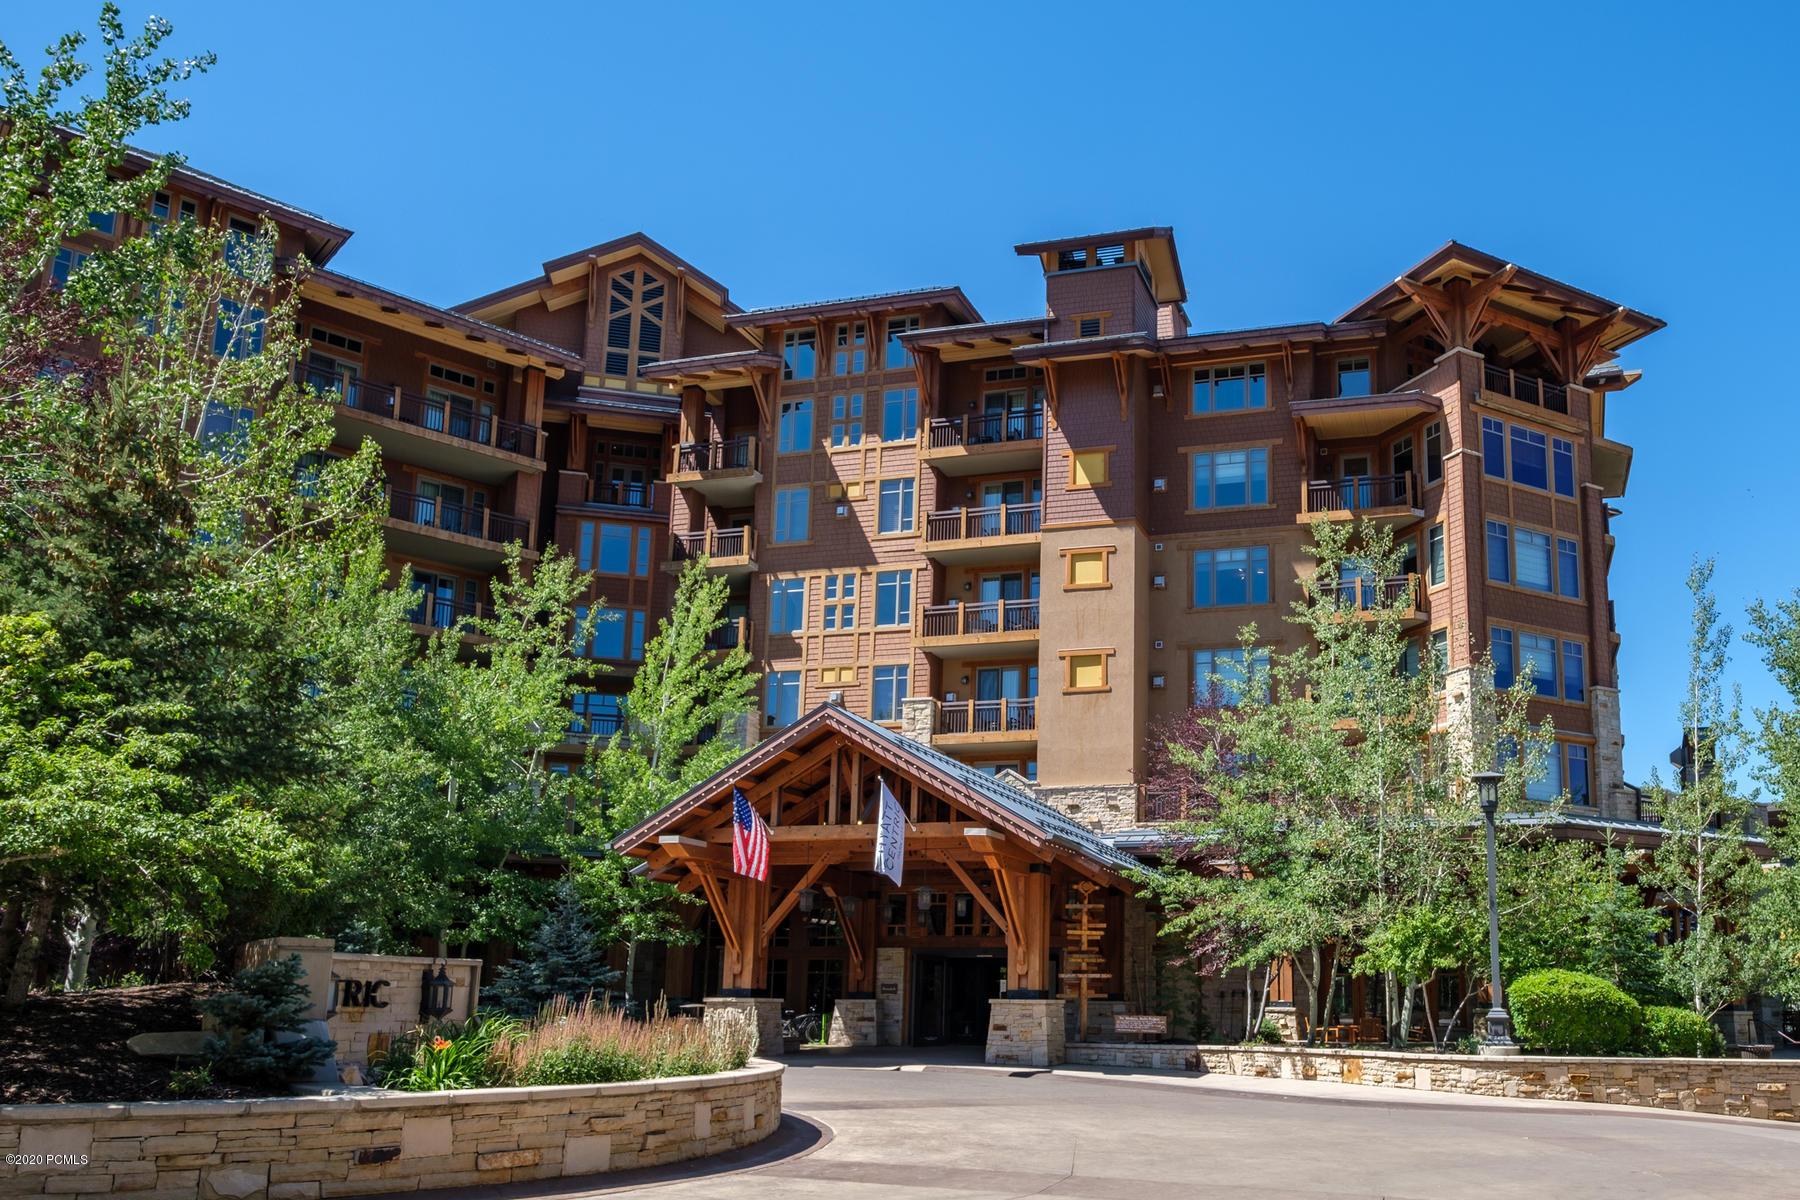 3551 Escala Court, Park City, Utah 84098, 2 Bedrooms Bedrooms, ,2 BathroomsBathrooms,Condominium,For Sale,Escala,12002965